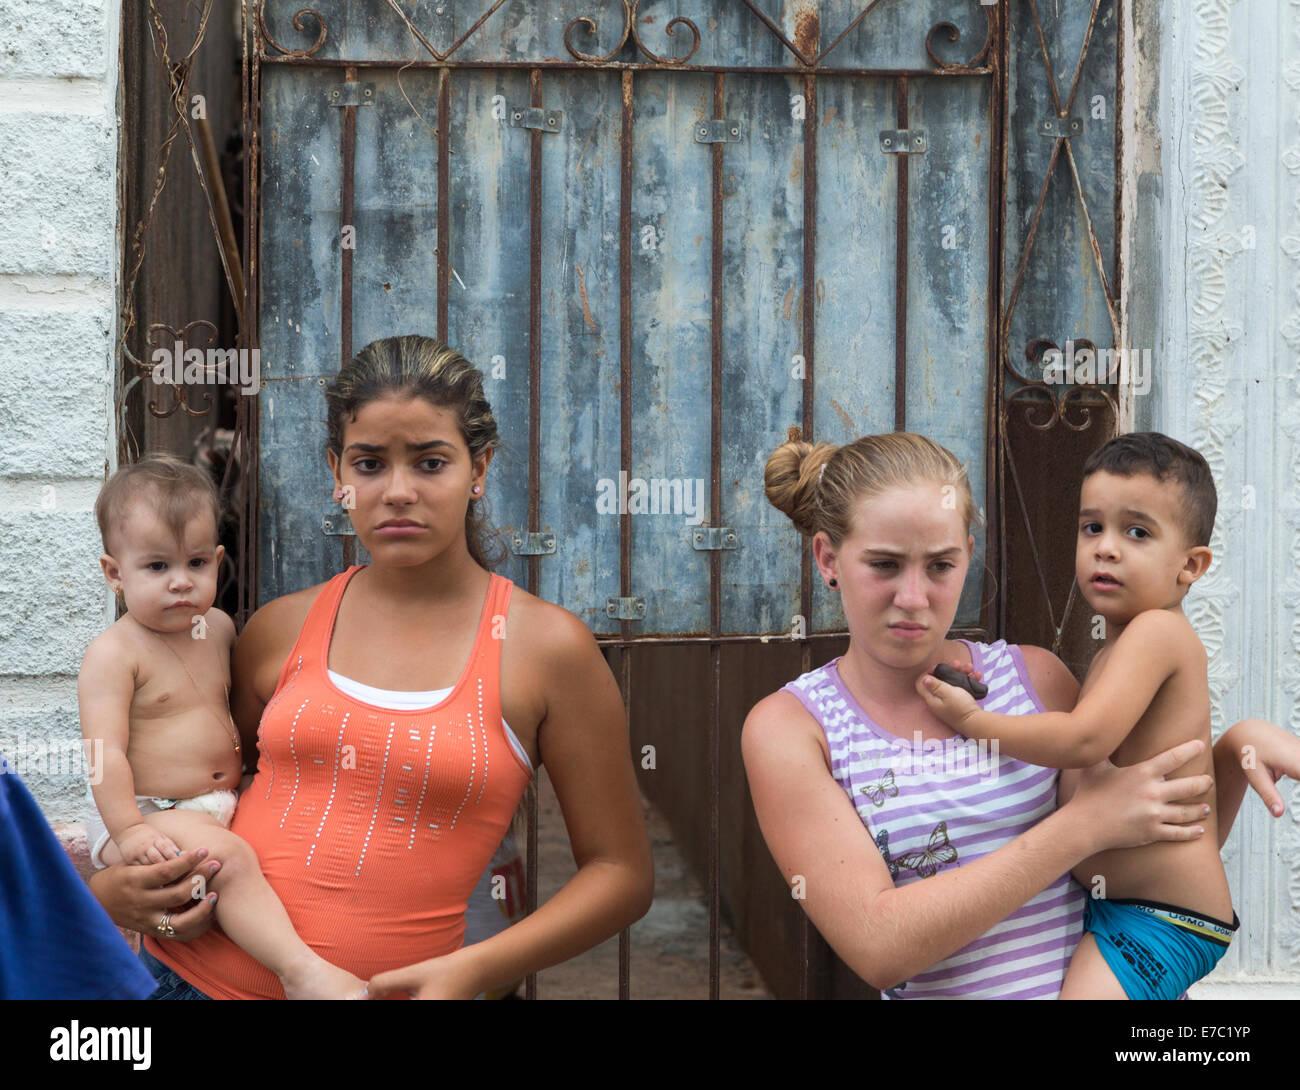 Trinidad sexe de l'adolescence